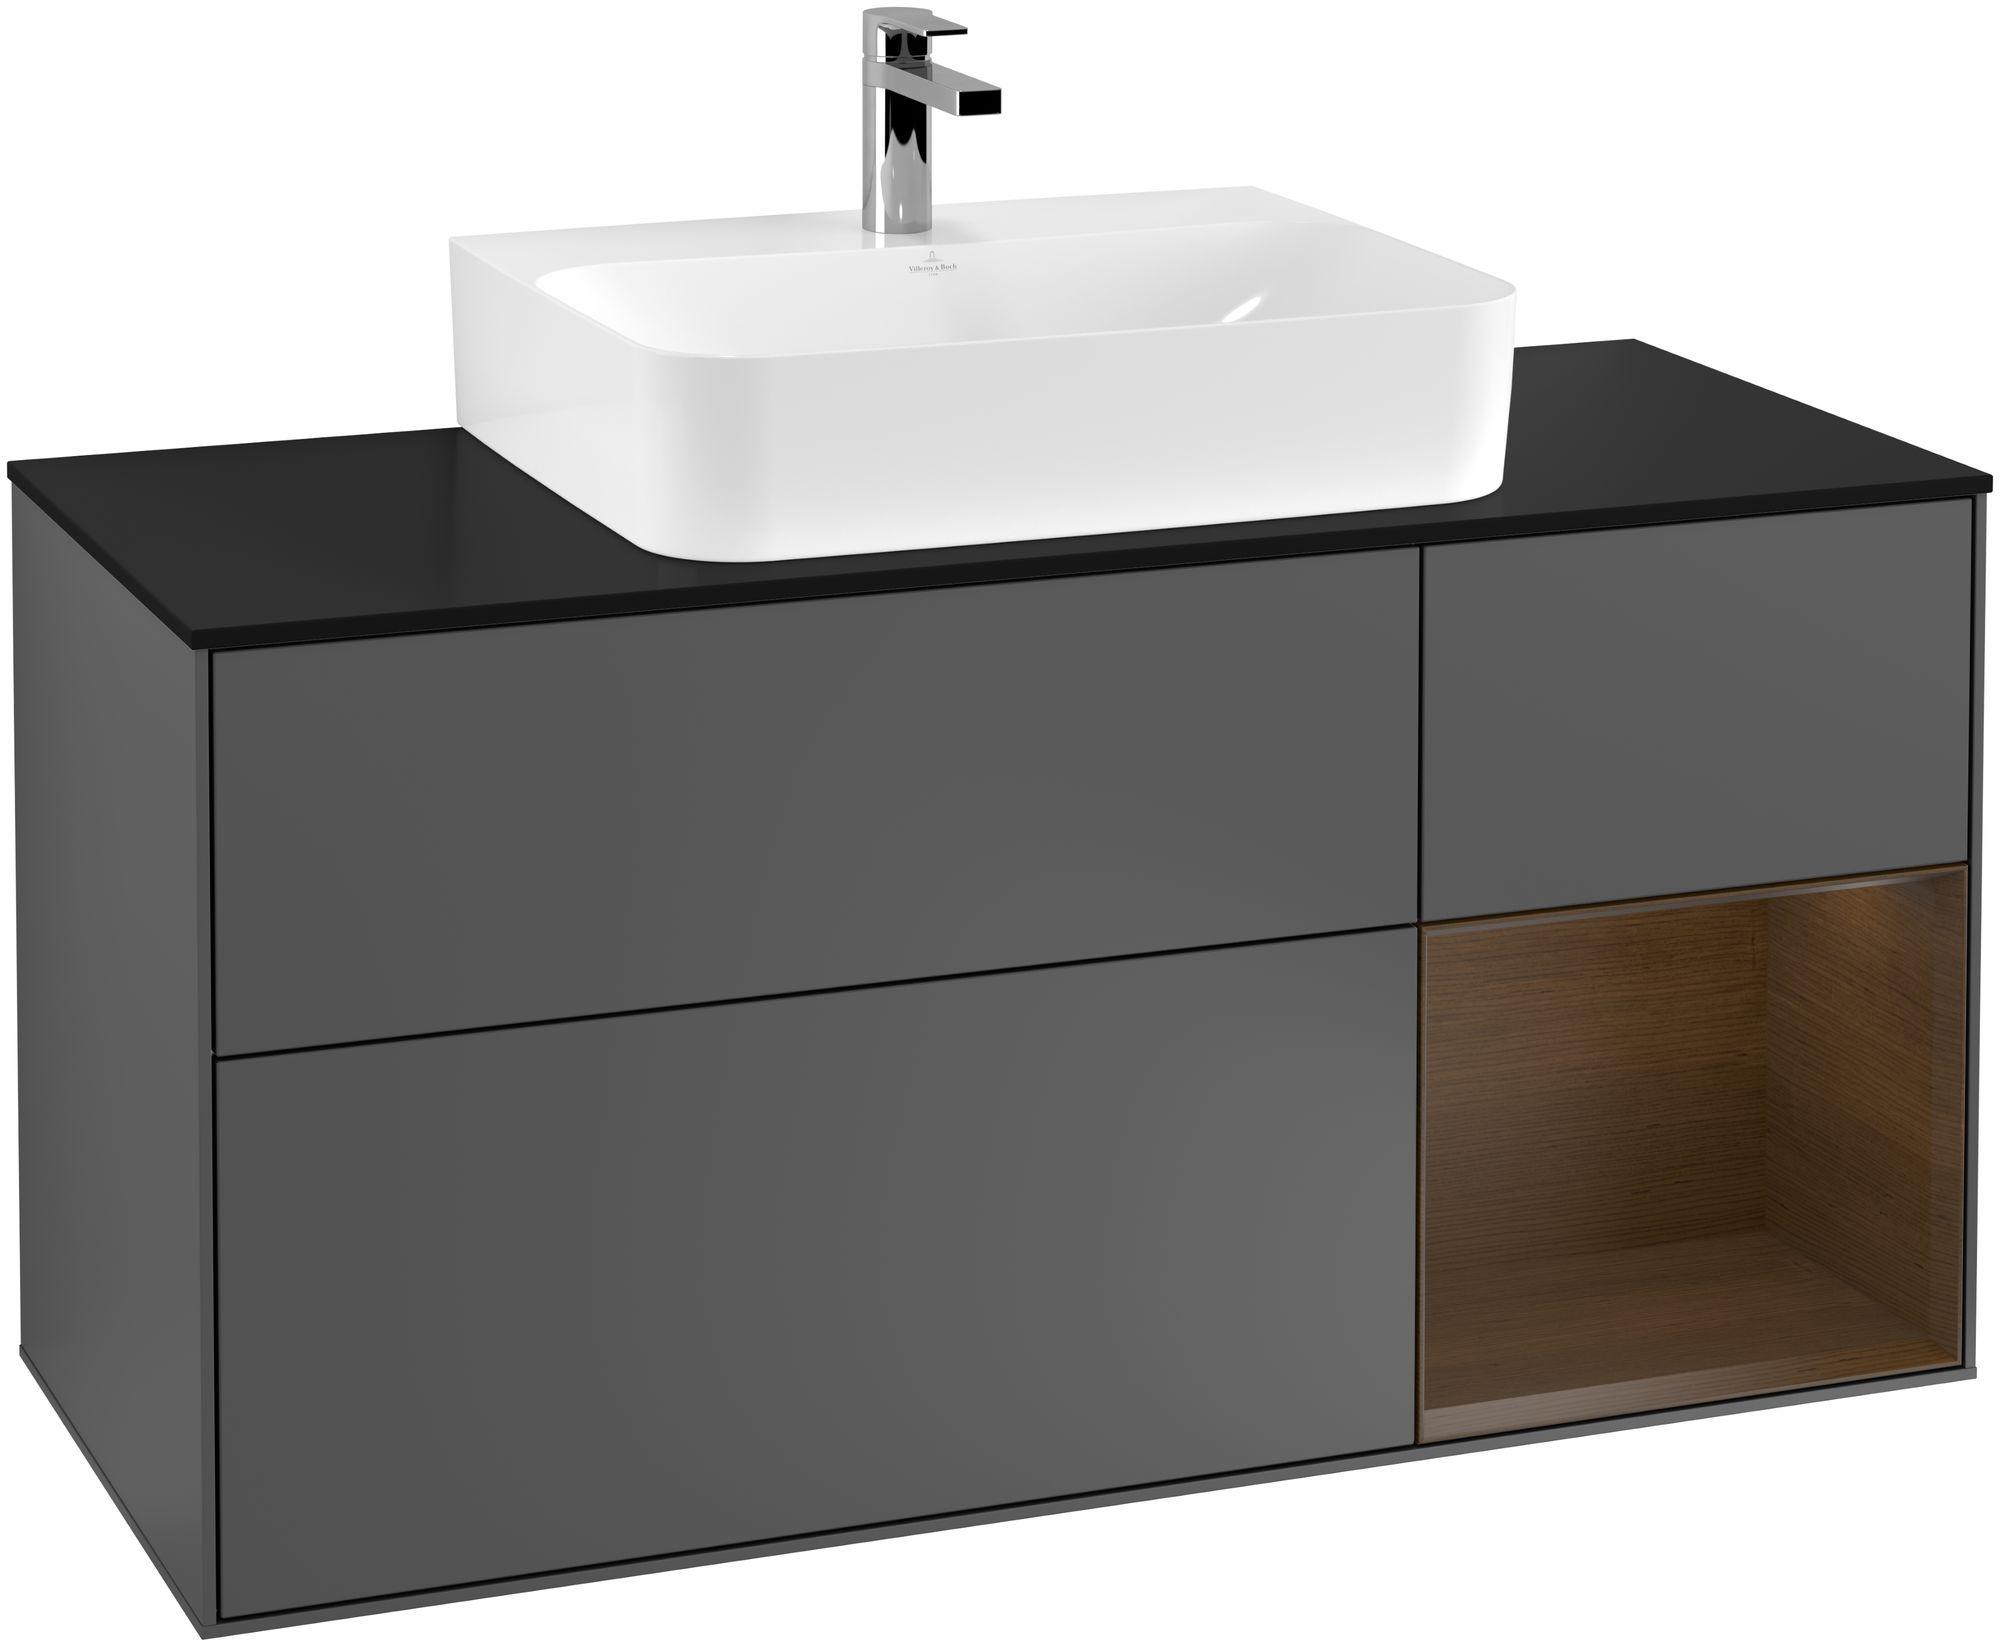 Villeroy & Boch Finion G17 Waschtischunterschrank mit Regalelement 3 Auszüge Waschtisch mittig LED-Beleuchtung B:120xH:60,3xT:50,1cm Front, Korpus: Anthracite Matt, Regal: Walnut Veneer, Glasplatte: Black Matt G172GNGK